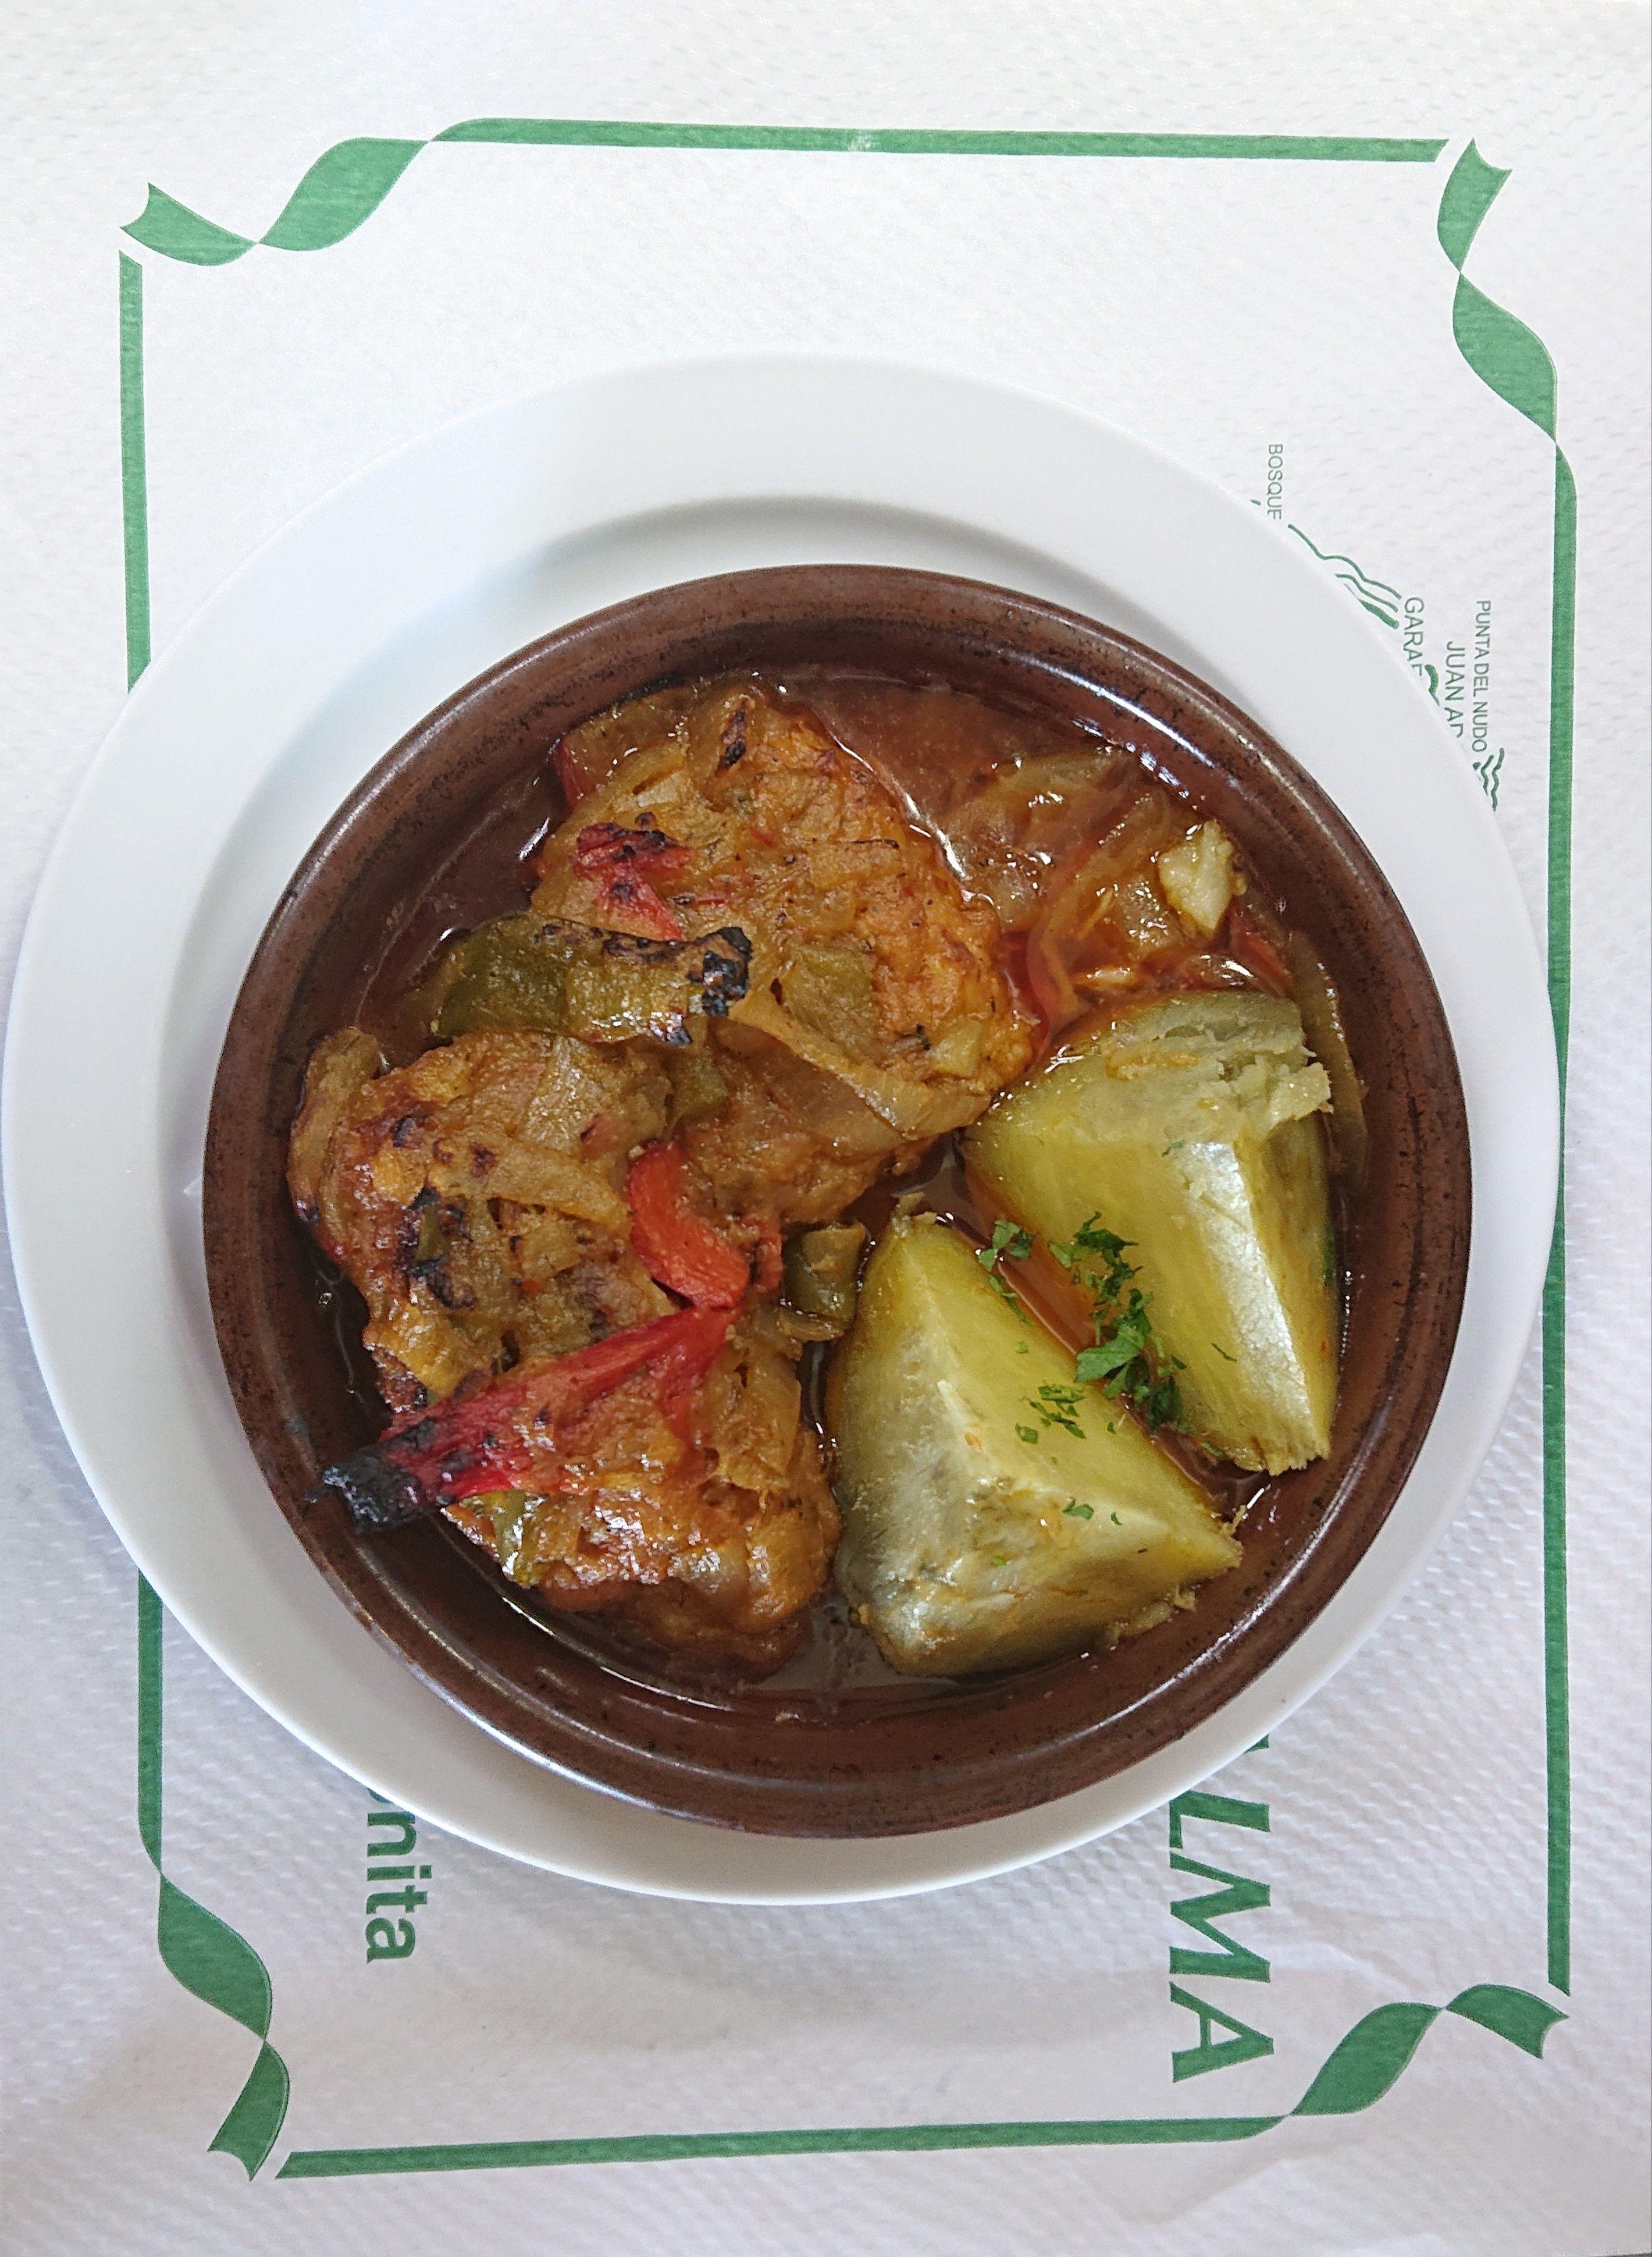 Cocina canaria en Santa Cruz de la Palma